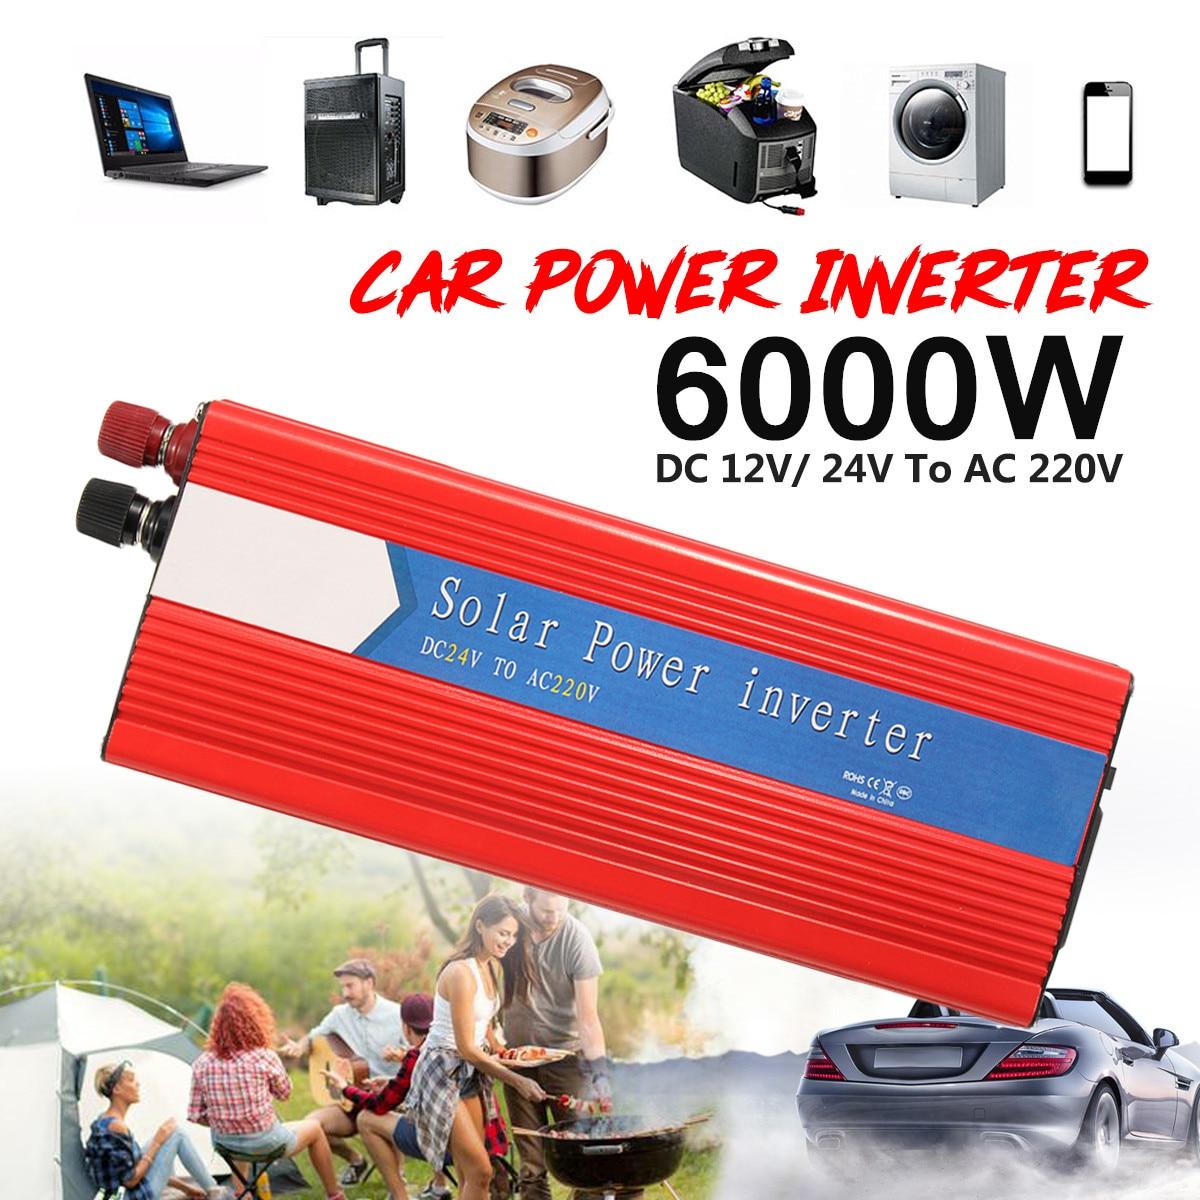 SPITZEN 6000 watt Auto Power Inverter Welle Konverter 12/24 v Zu AC 220/110 v USB Geändert sinus Spannung Transformator Universal Intelligente